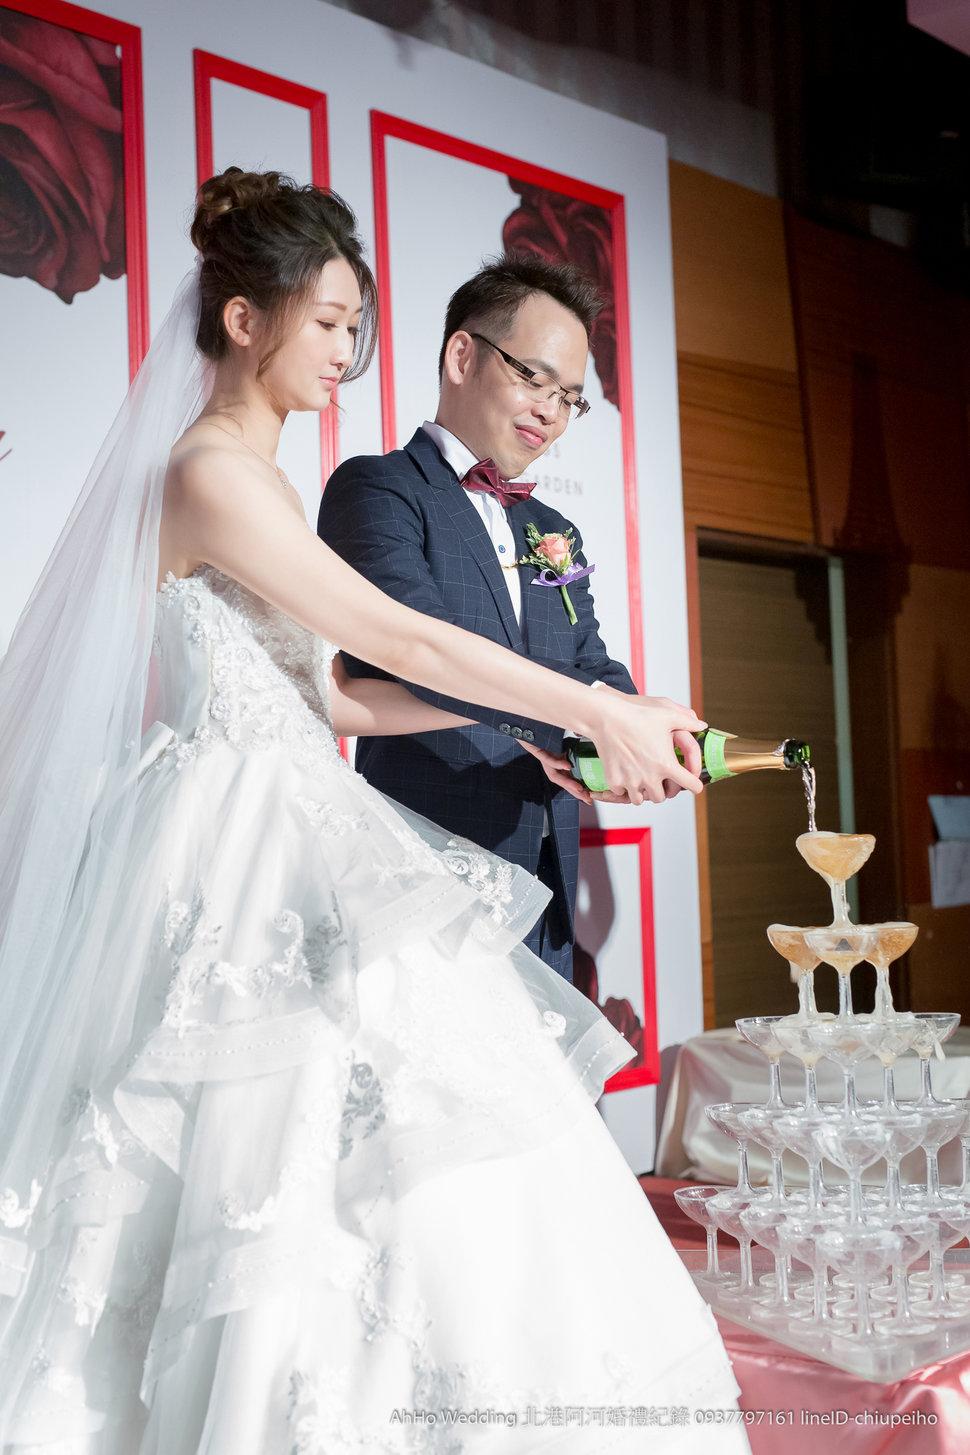 AhHo Wedding   LINE ID  chiupeiho-191 - AhHoWedding/阿河婚攝《結婚吧》